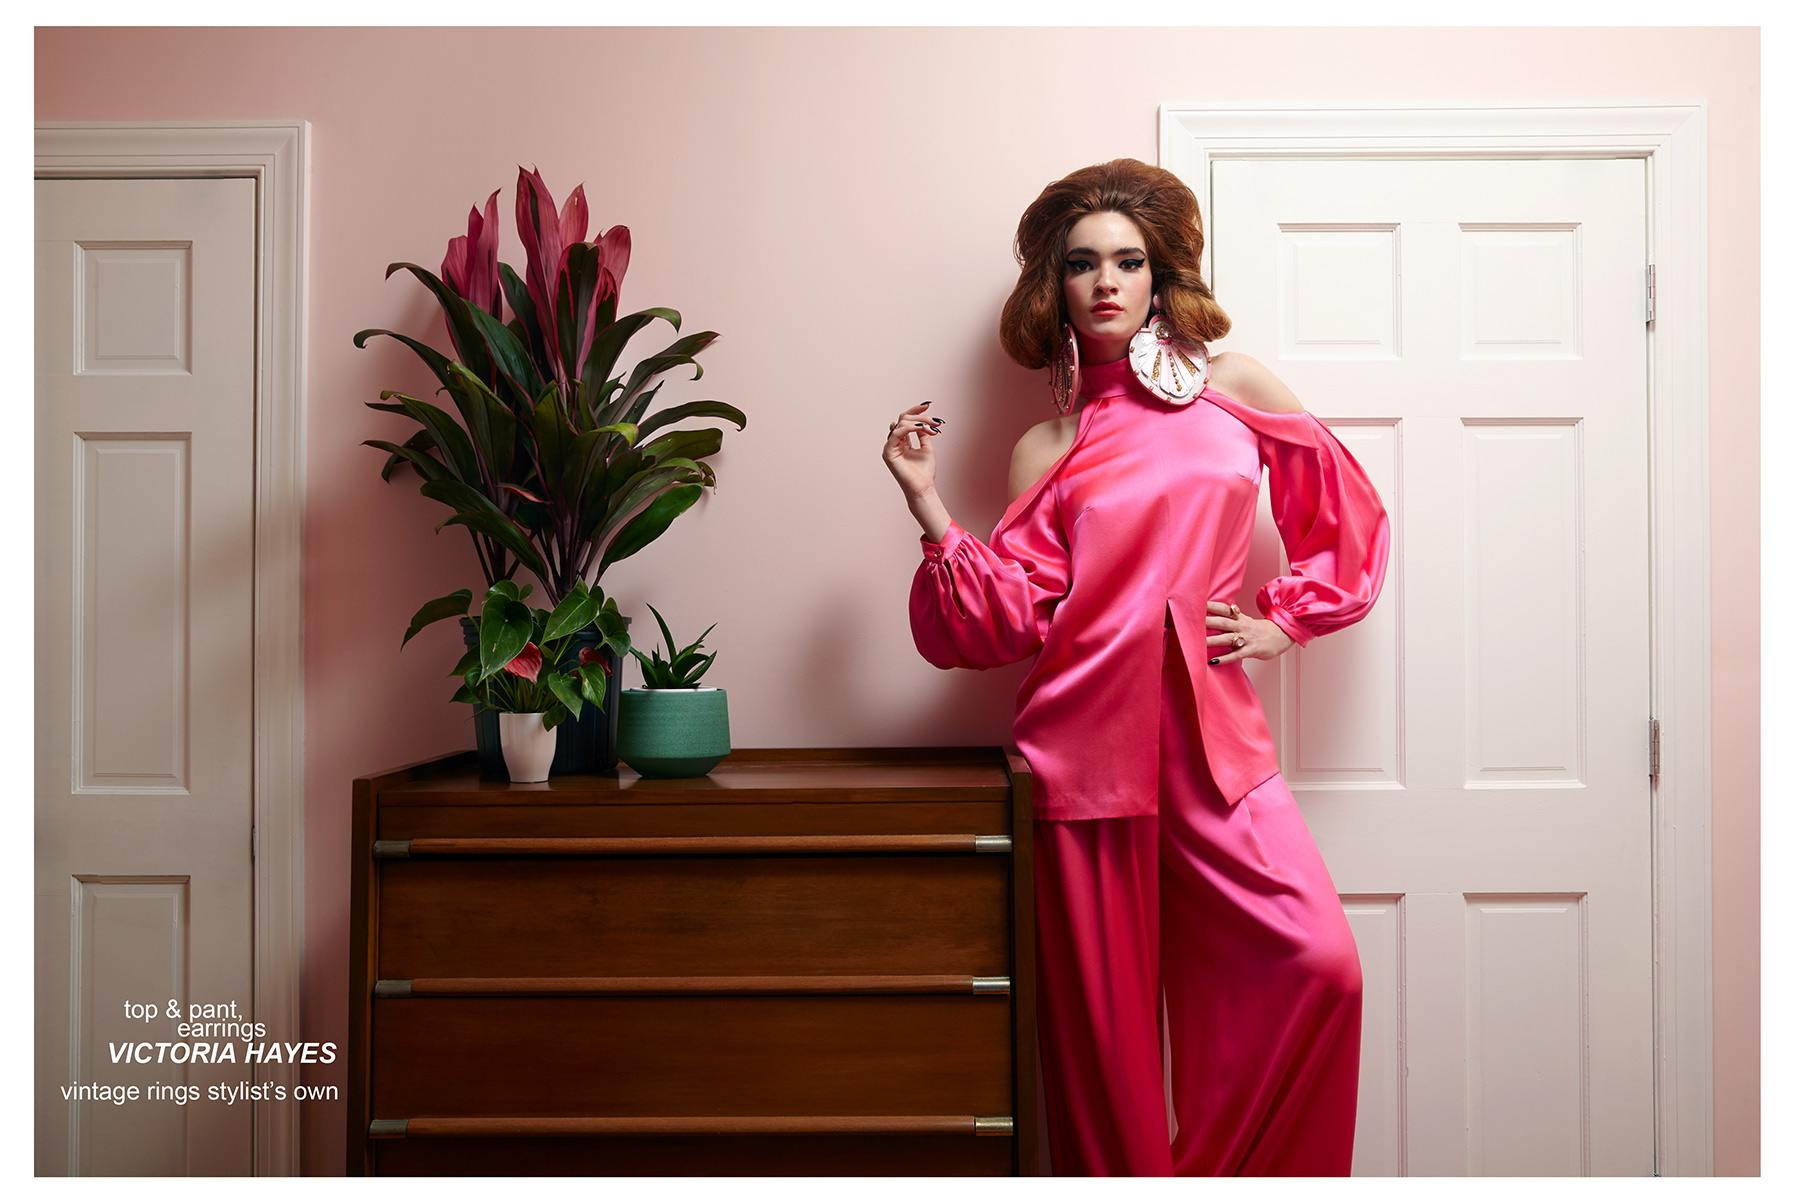 Red-headed beauty Liv Solo, from Wilhelmina NY, stars in